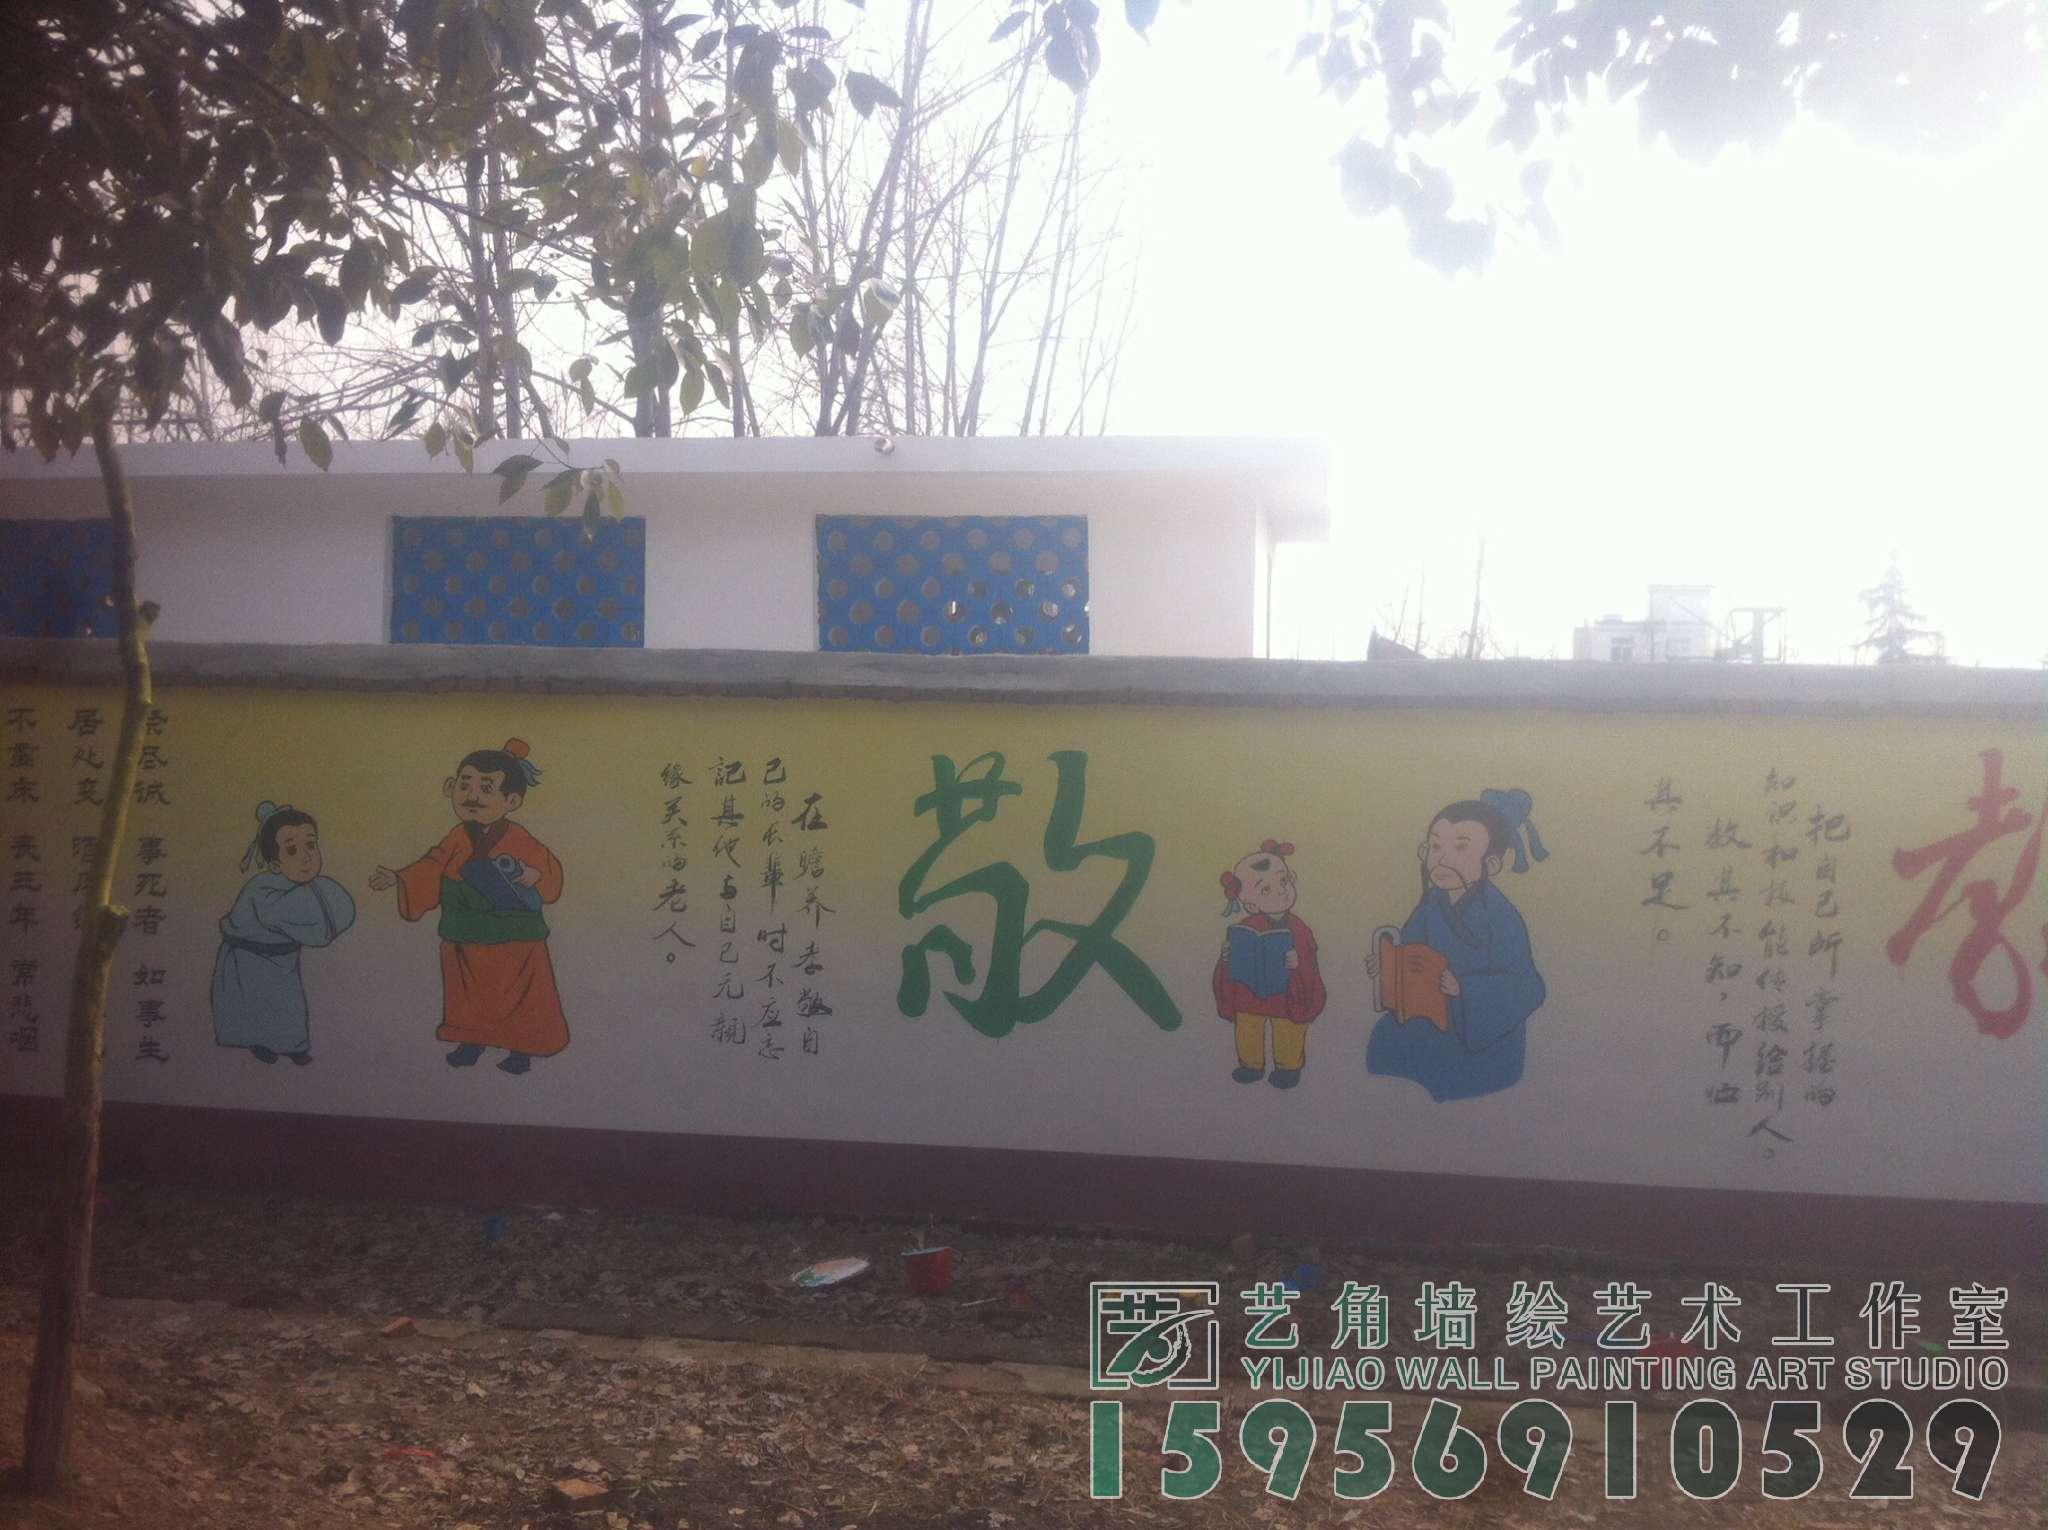 下一个: 安徽省颍上县周圩小学校园文化墙彩绘案例 产品详情 产品评论